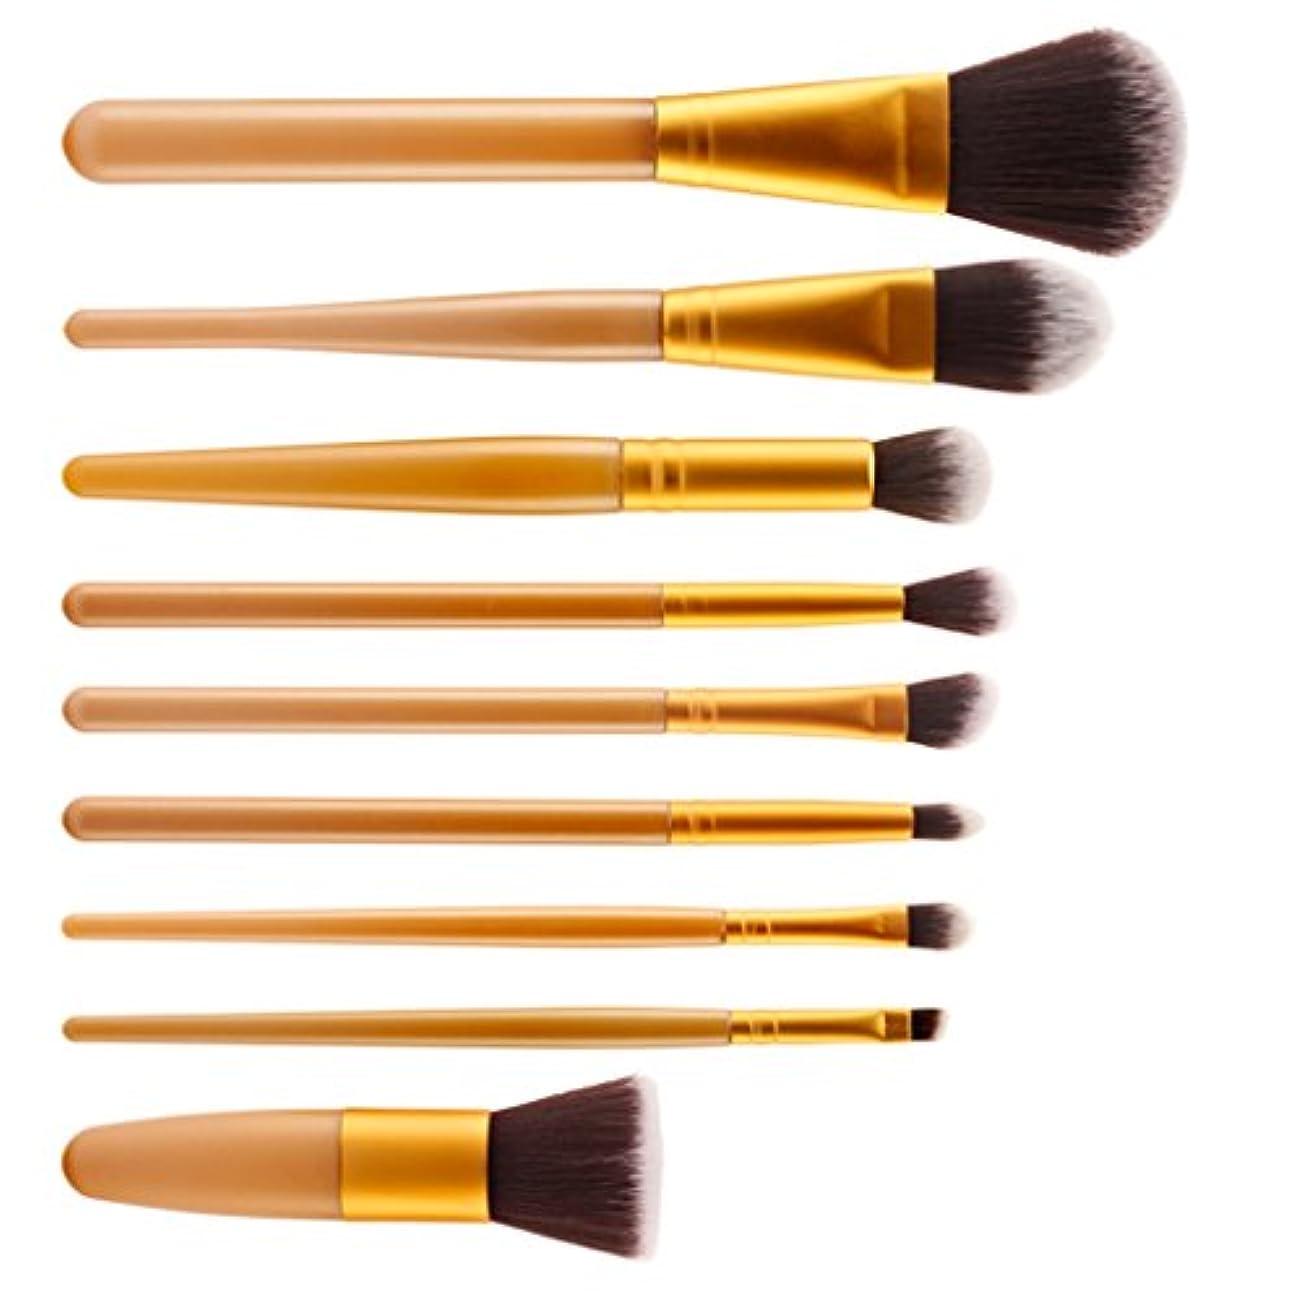 【ノーブランド品】 メイクブラシ プロ フェッショナル 化粧品 メイクアップ ブラシ セット 9本セット 9色選ぶ  - ゴールド